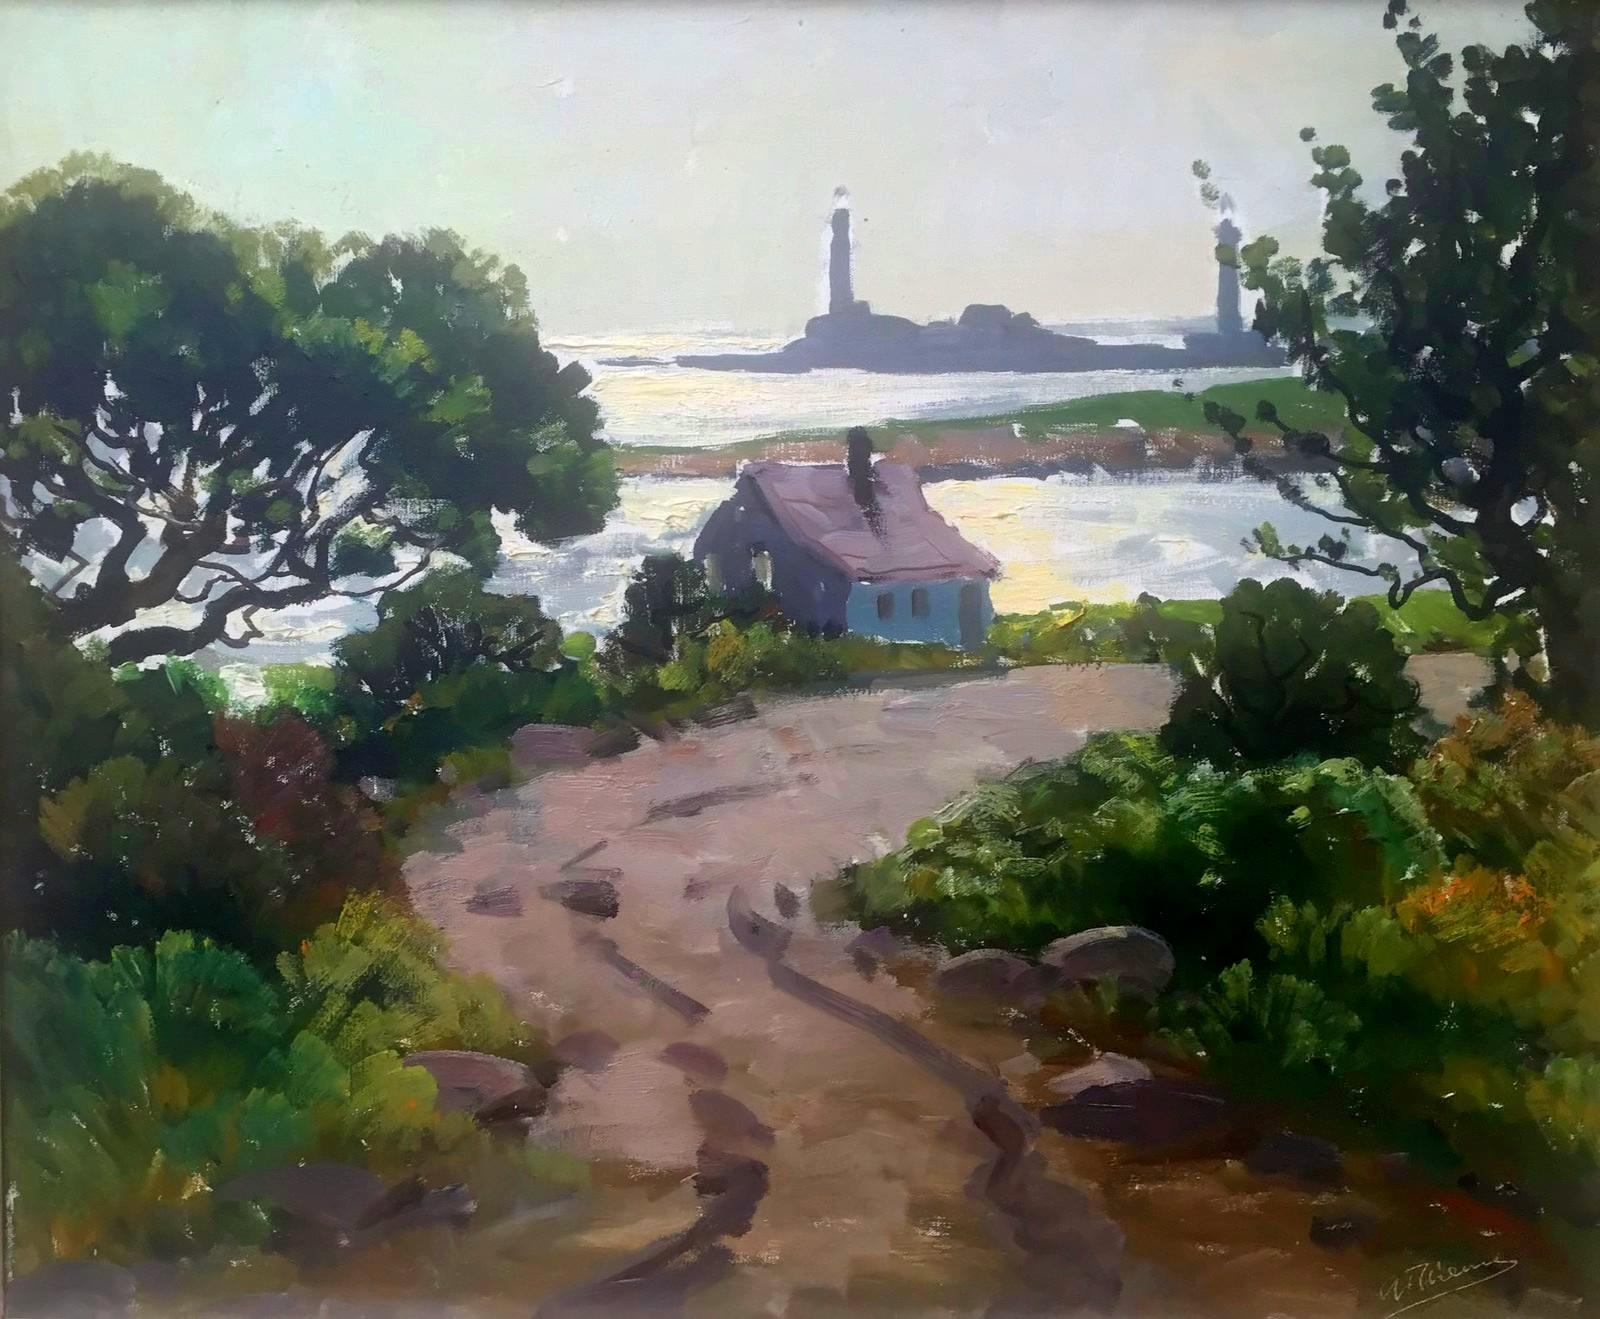 Thatcher's Island